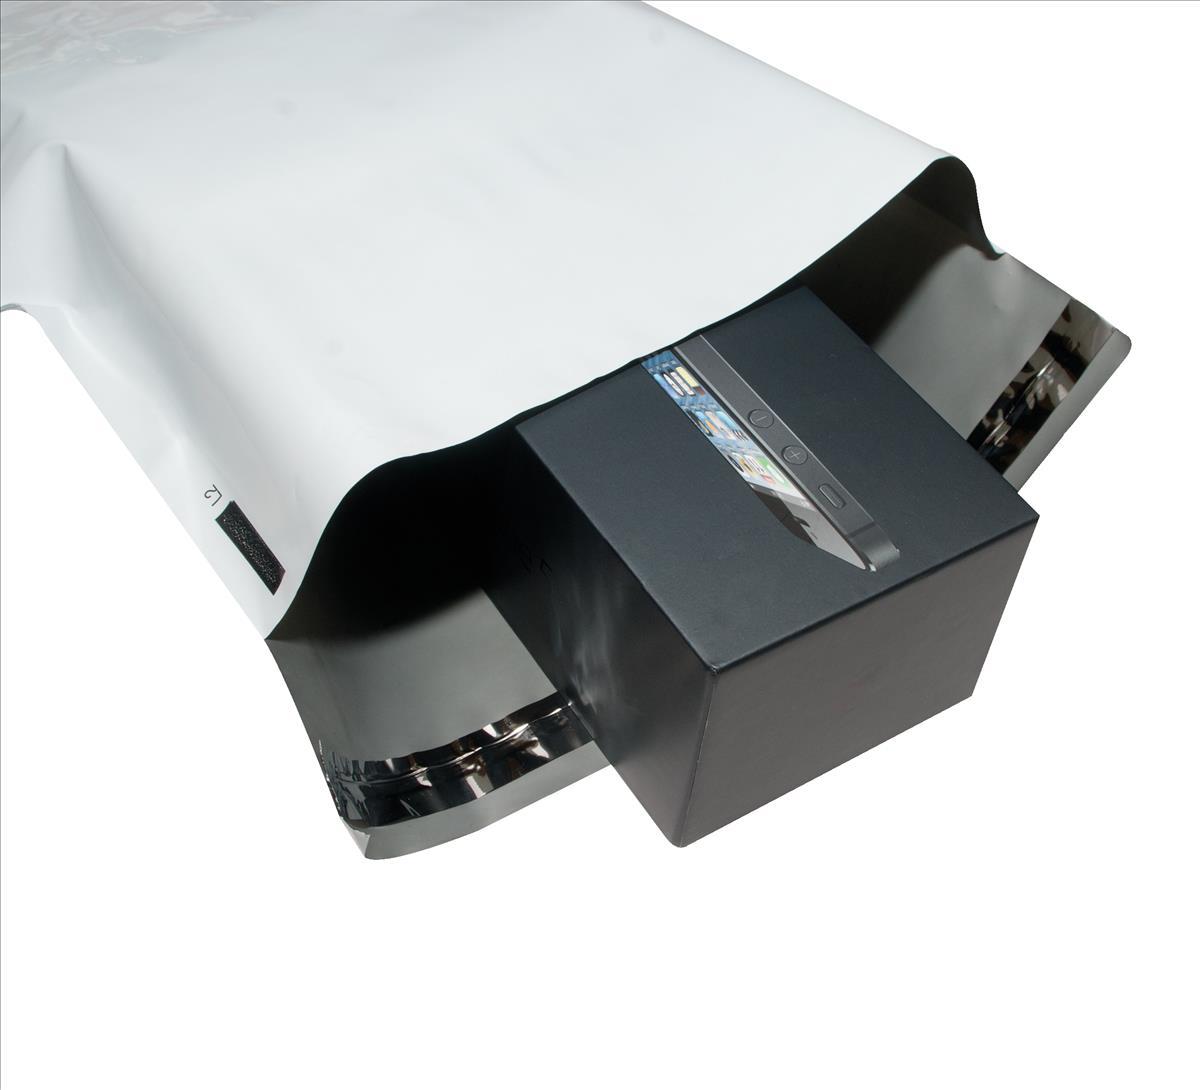 Keepsafe ExStrng Pad 444x480 KSB-6  Pk50